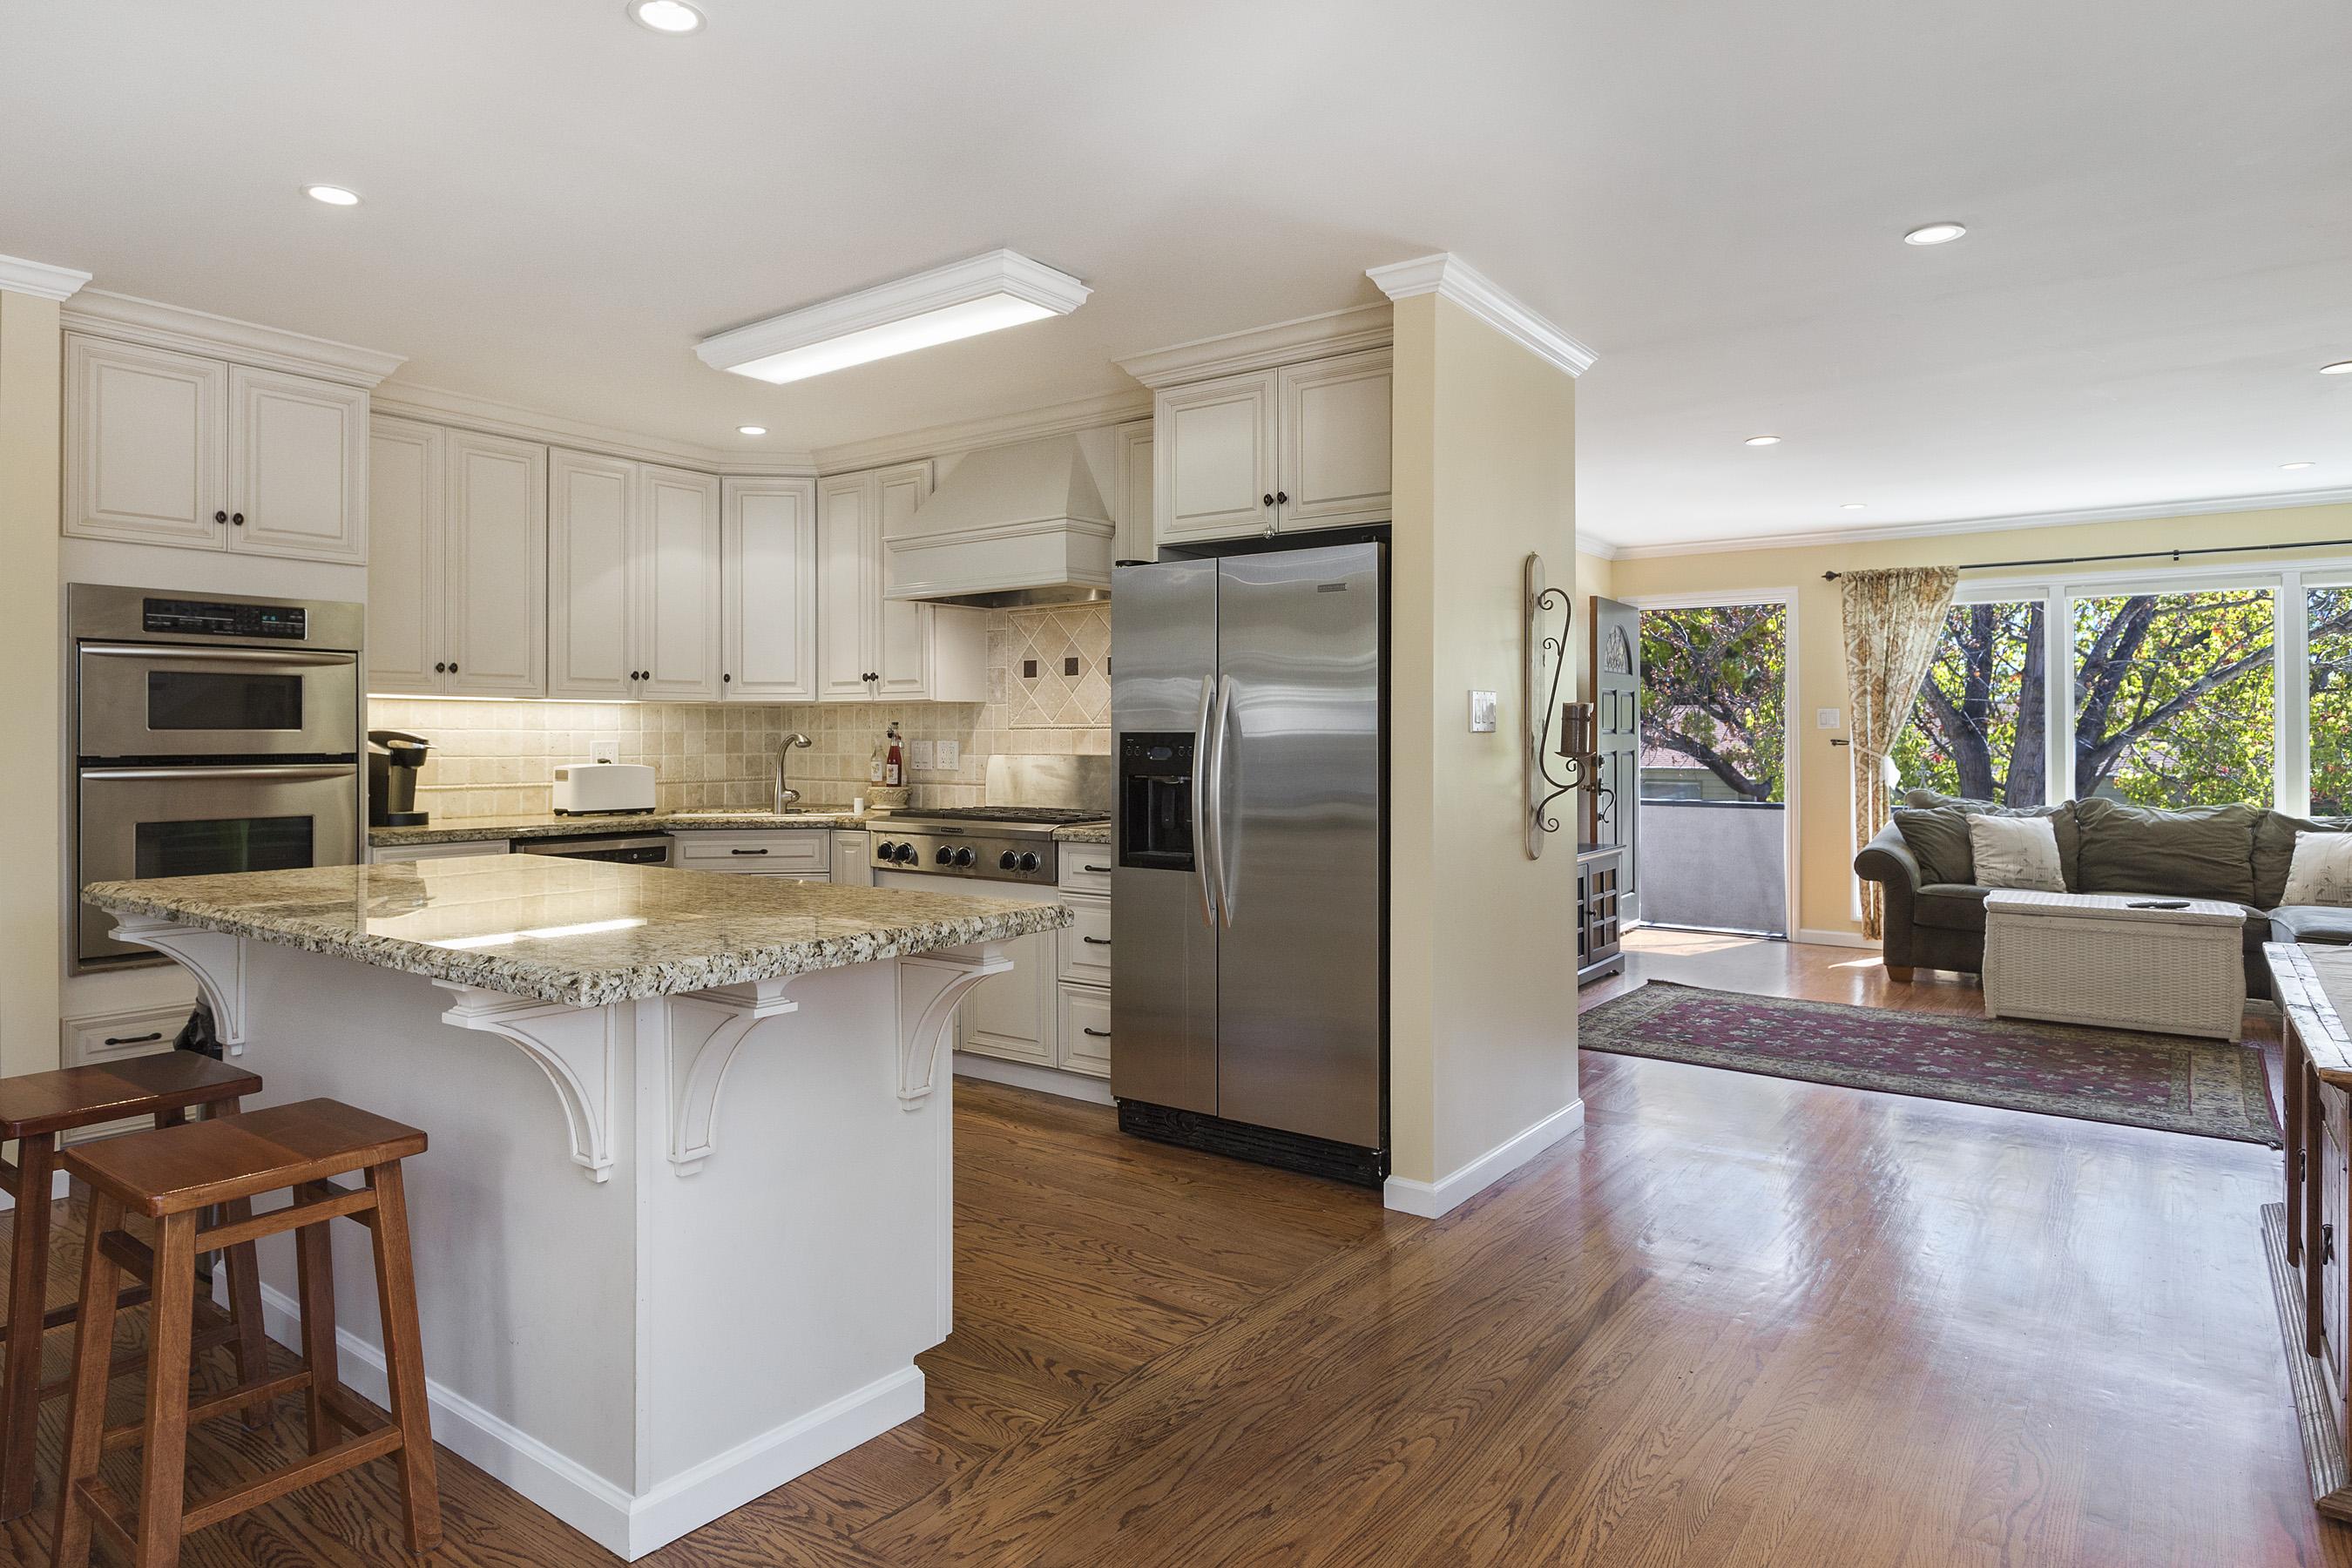 12-2704Roosevelt-kitchen-high-res